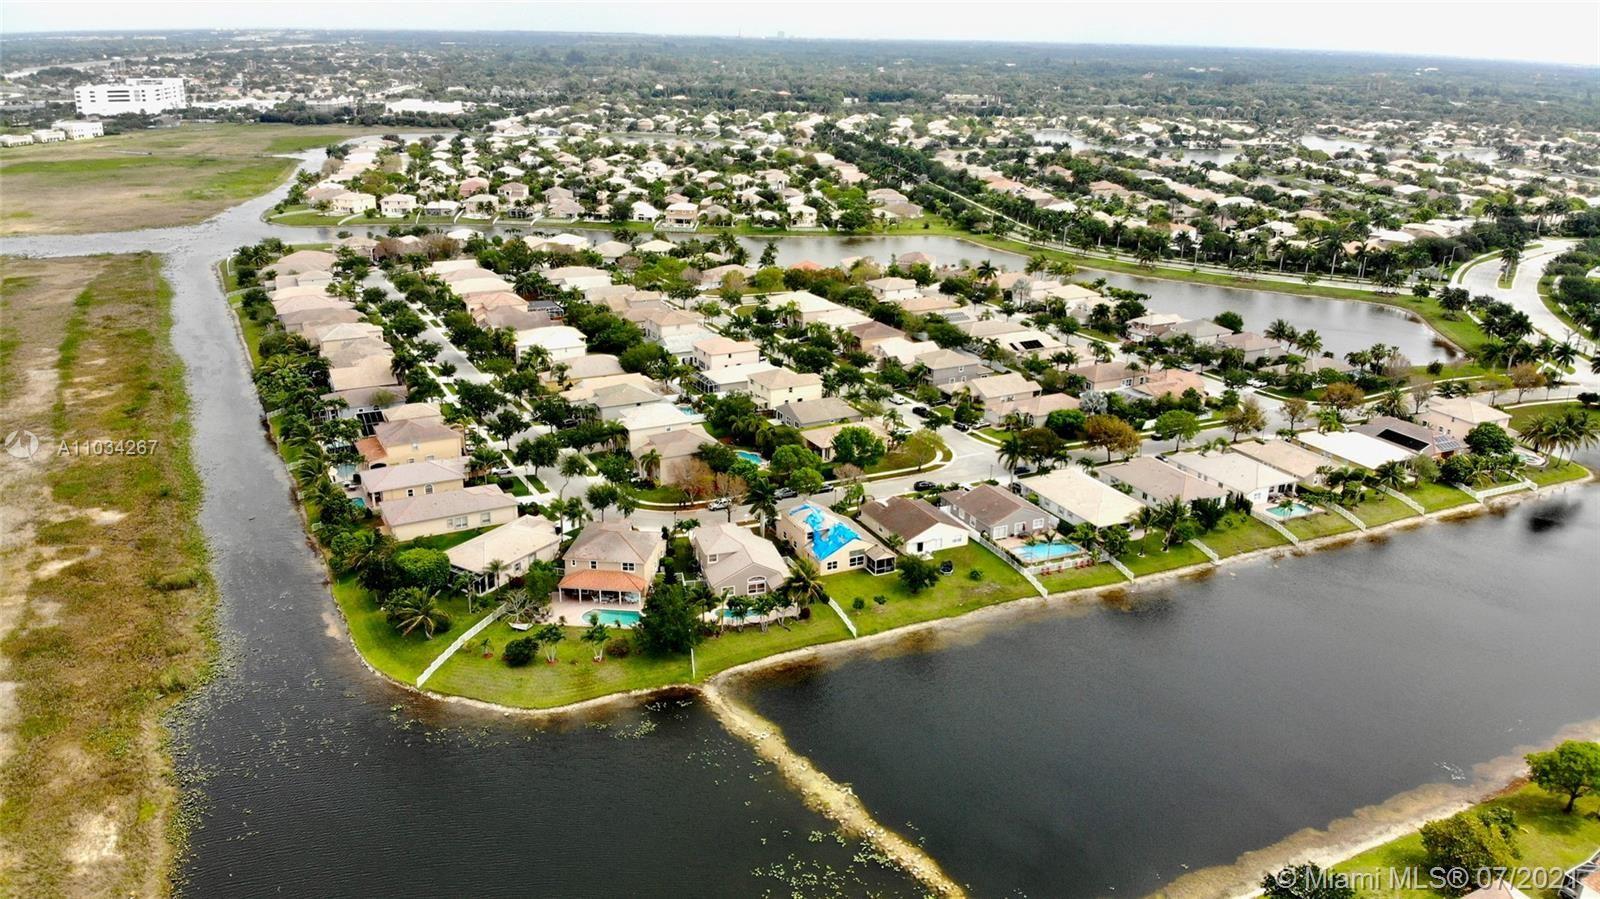 14490 NW 16th St, Pembroke Pines, FL 33028 - #: A11034267